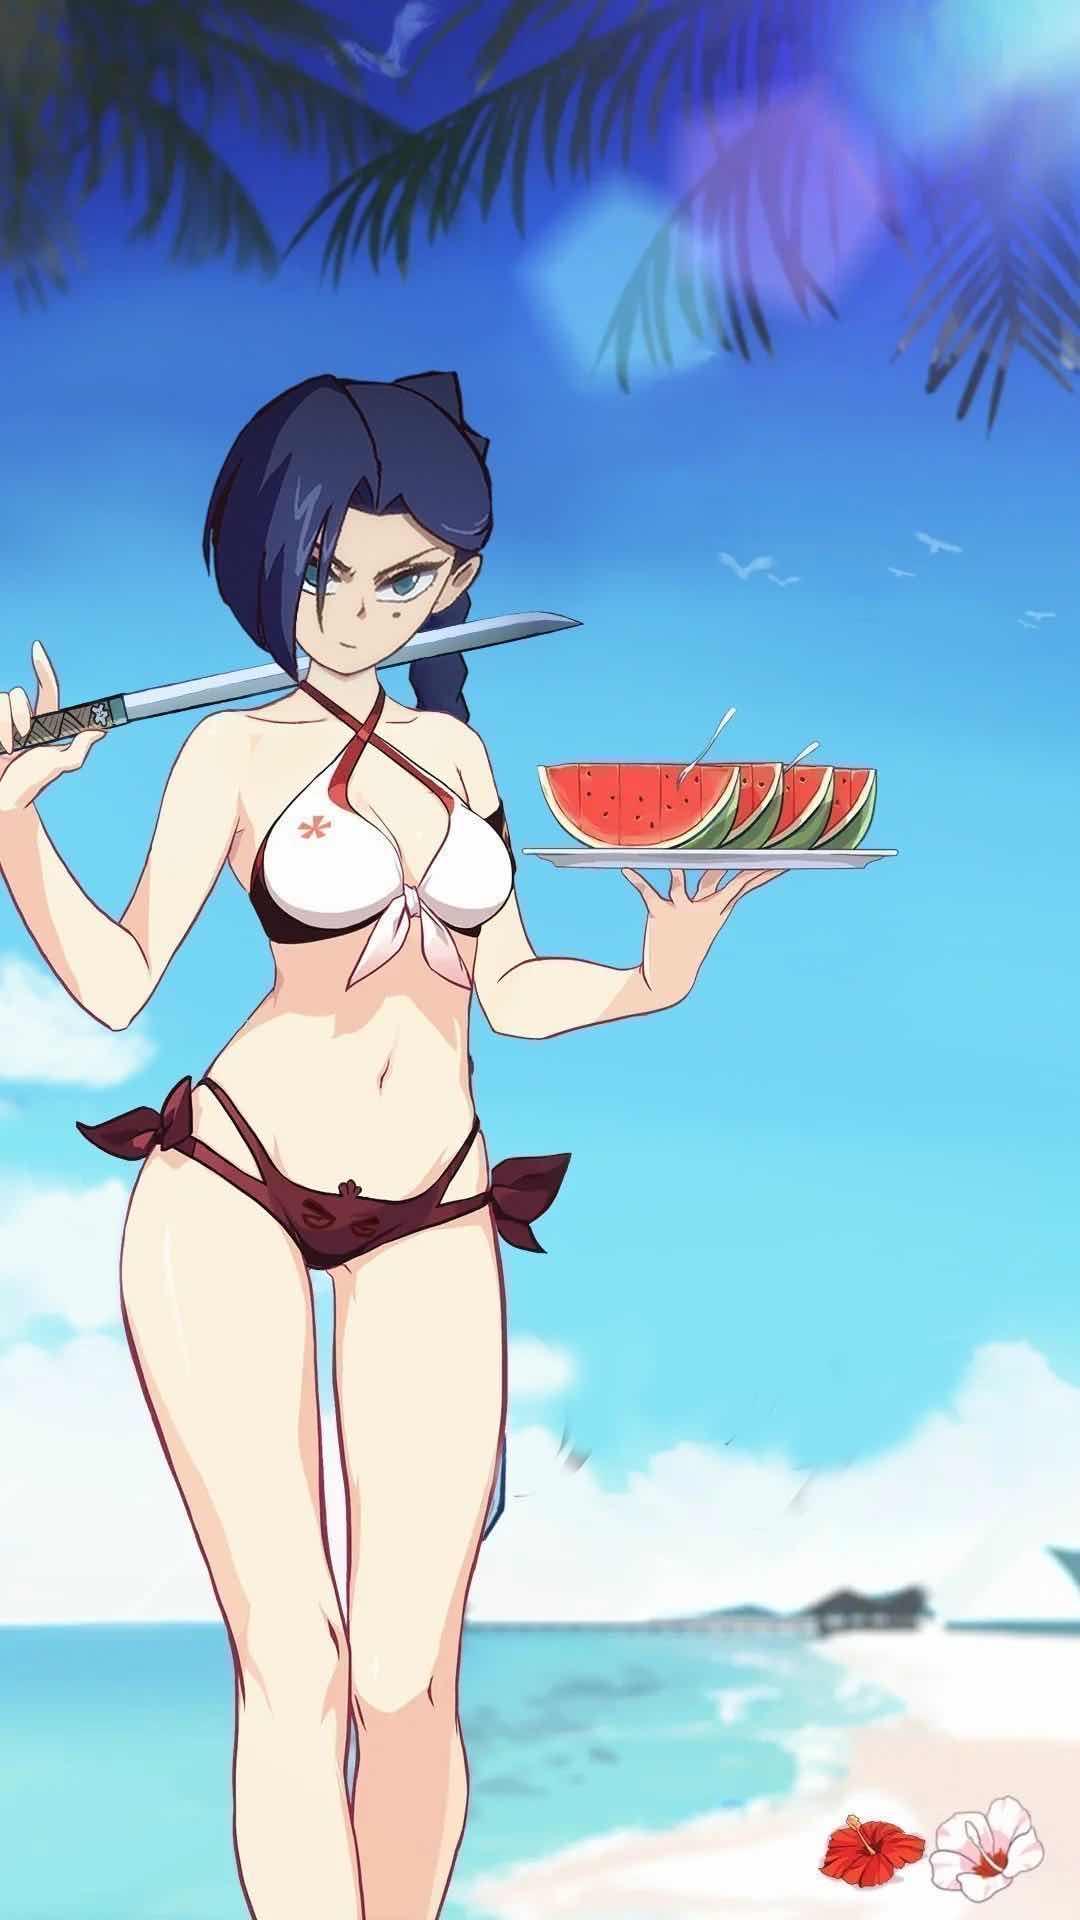 【美图】水一个贴,女警的日本漫画